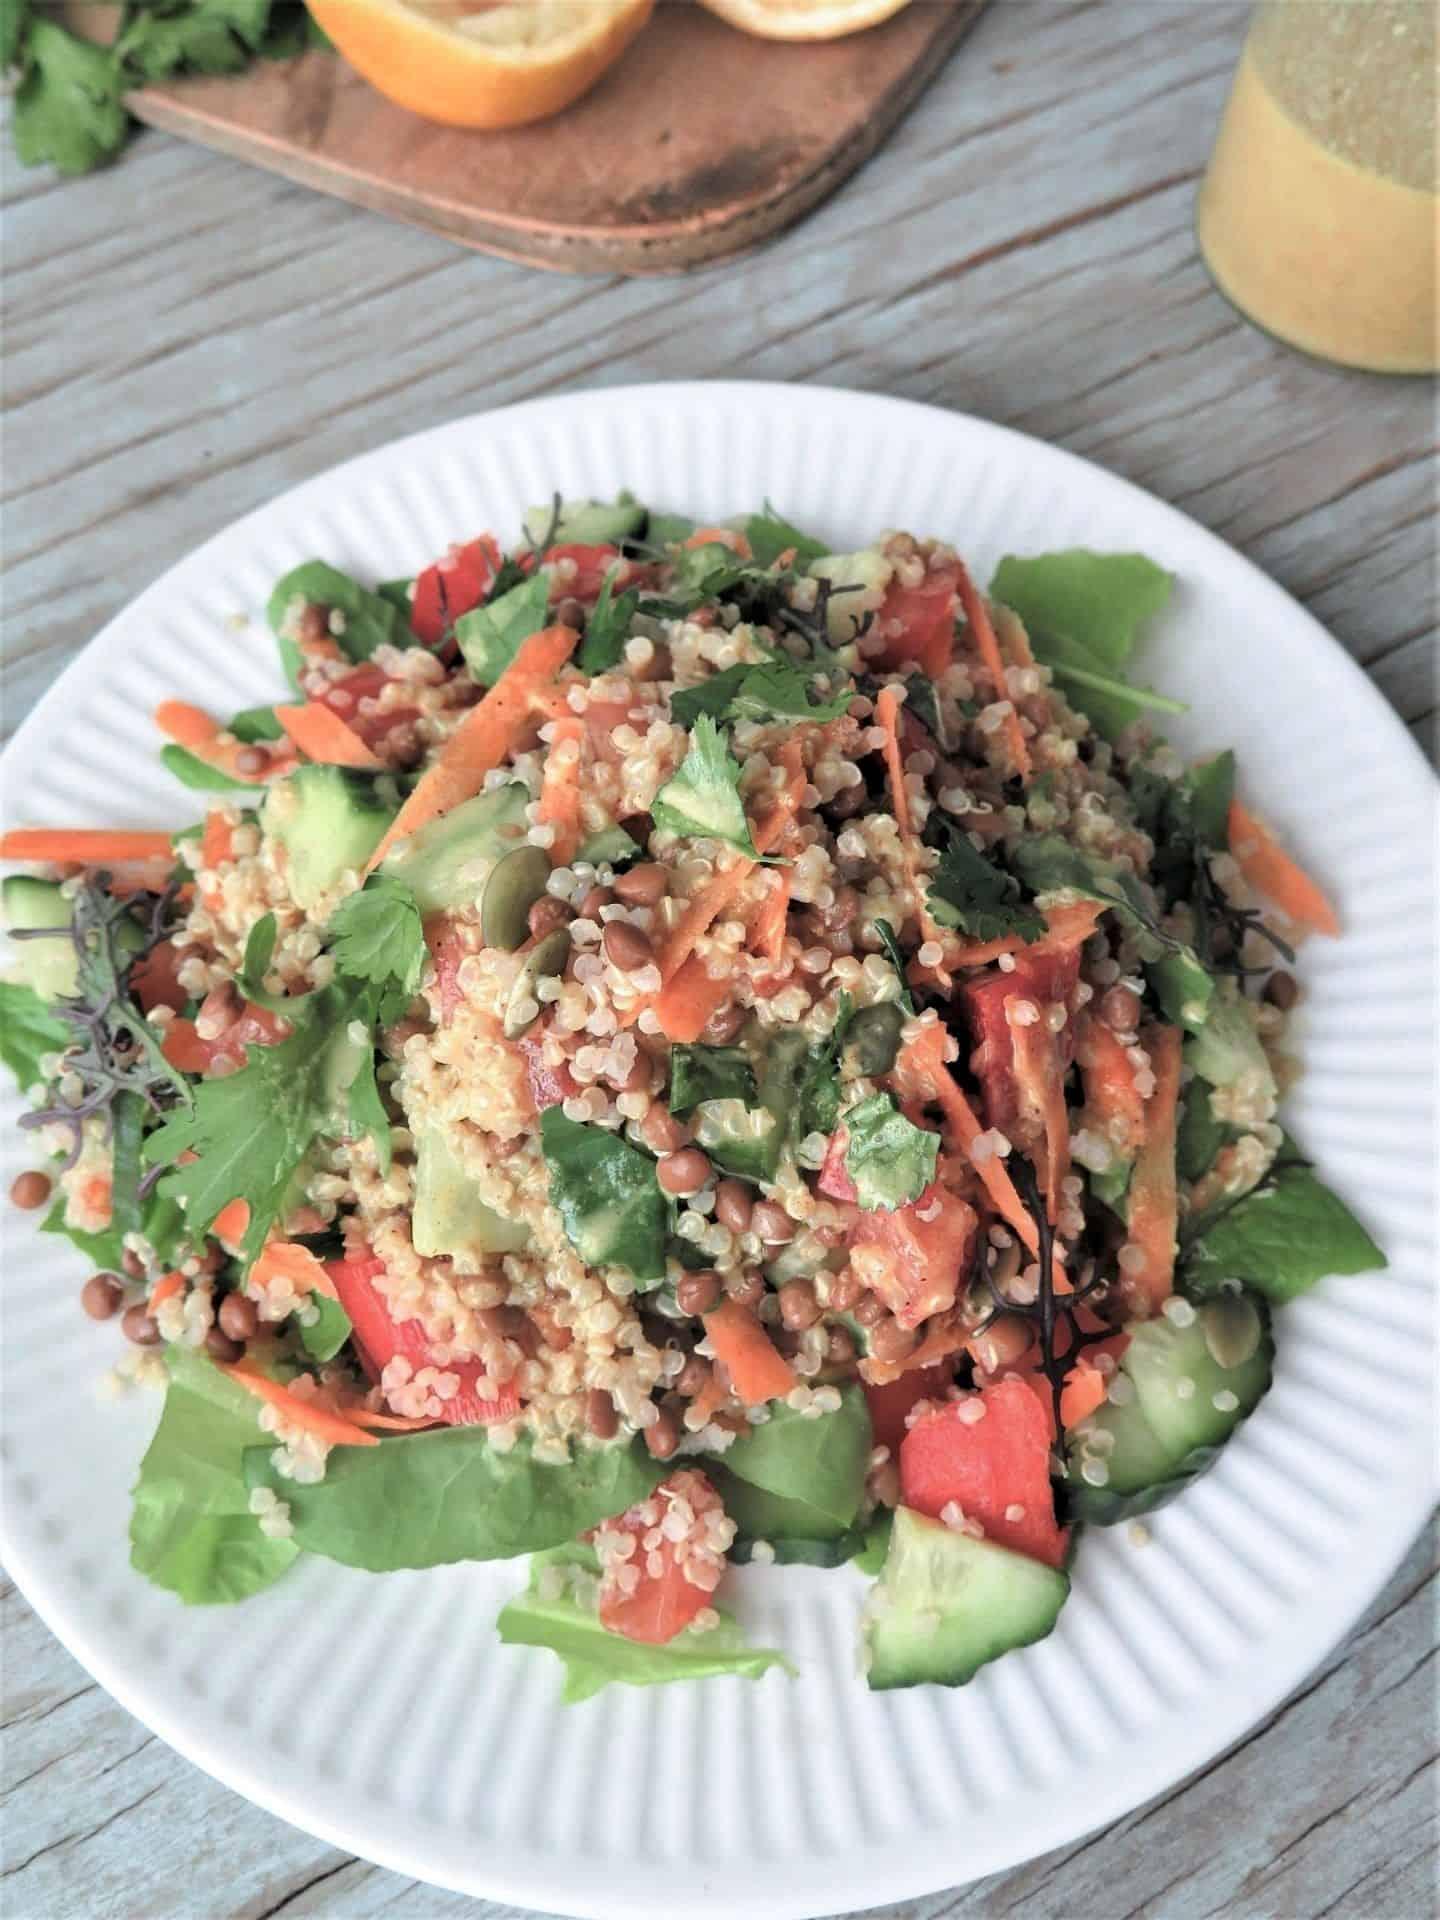 Marokkanischer Quinoa Linsen Salat, serviert auf einem Teller und Vinaigrette im Hintergrund